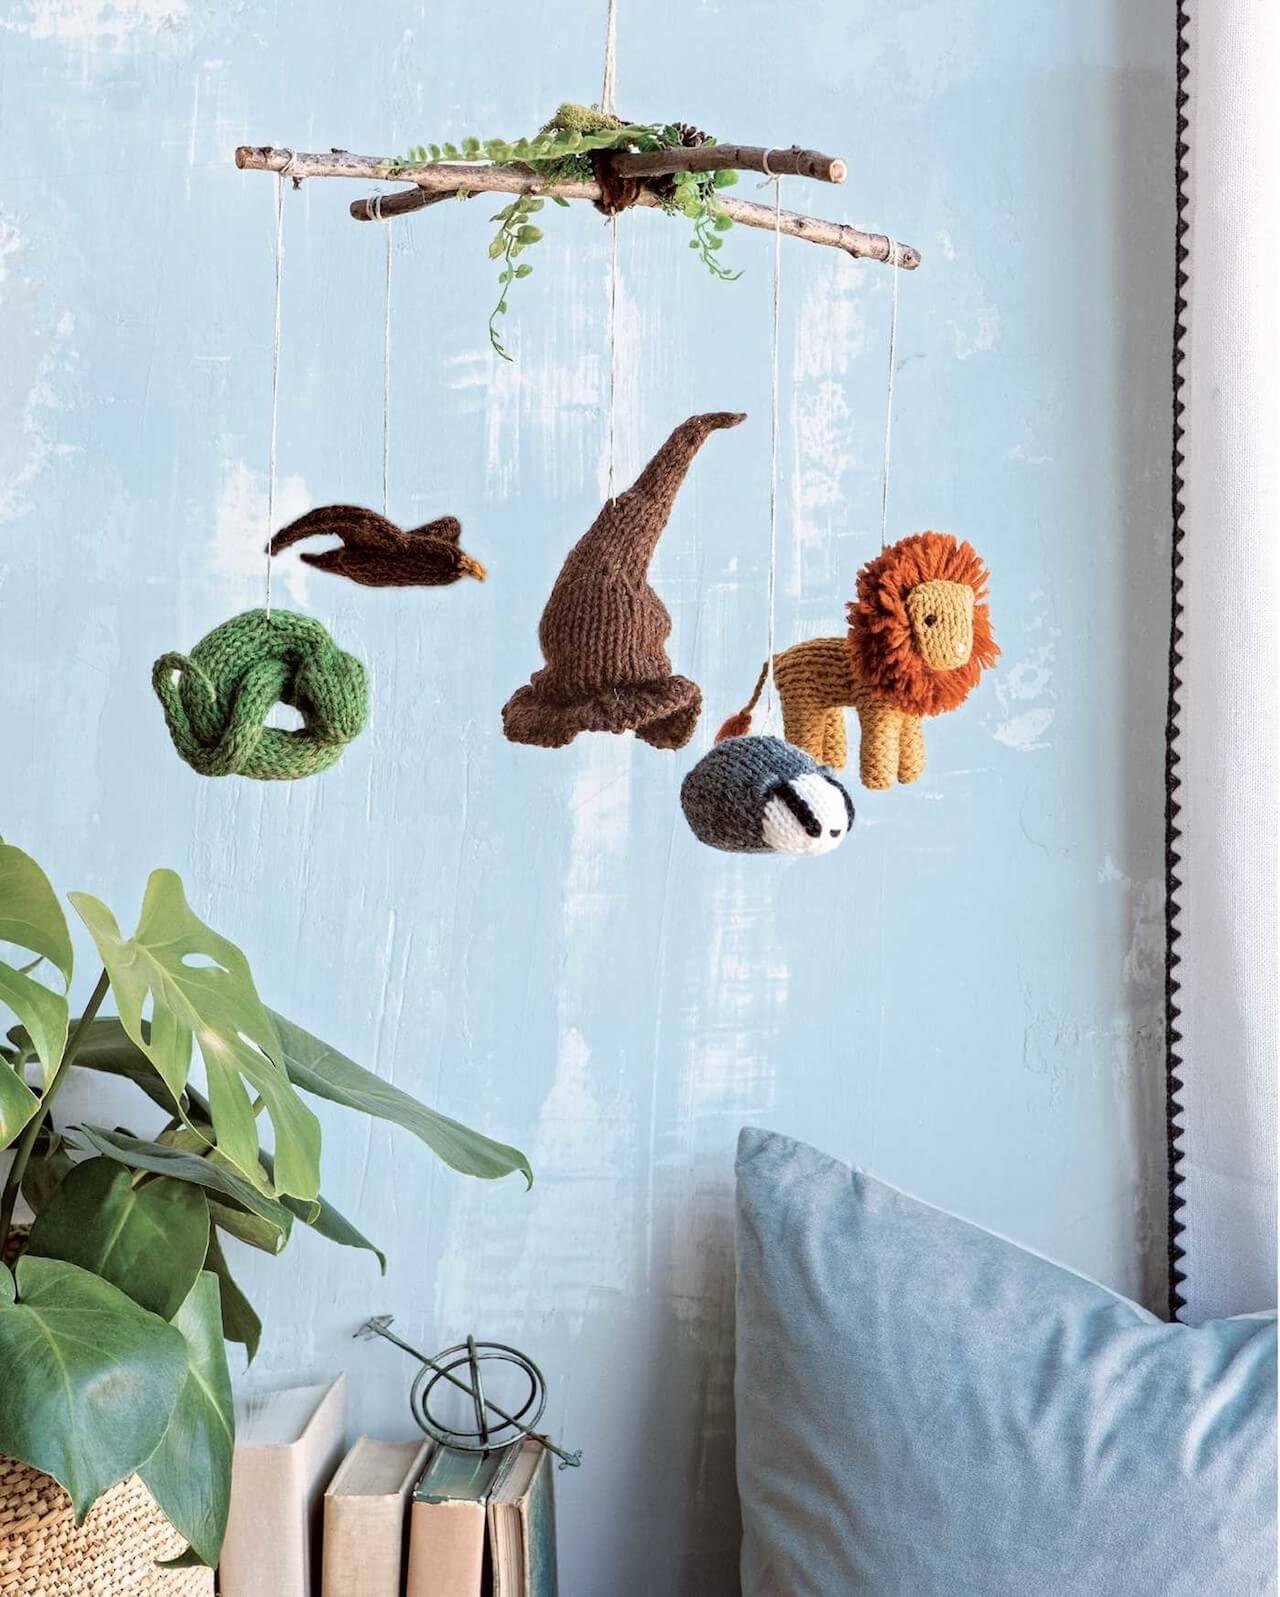 【超可愛い】ハリー・ポッターの公式編み物本が来年1月に発売 life-fashio191030-harry-potter-knitting-magic-5